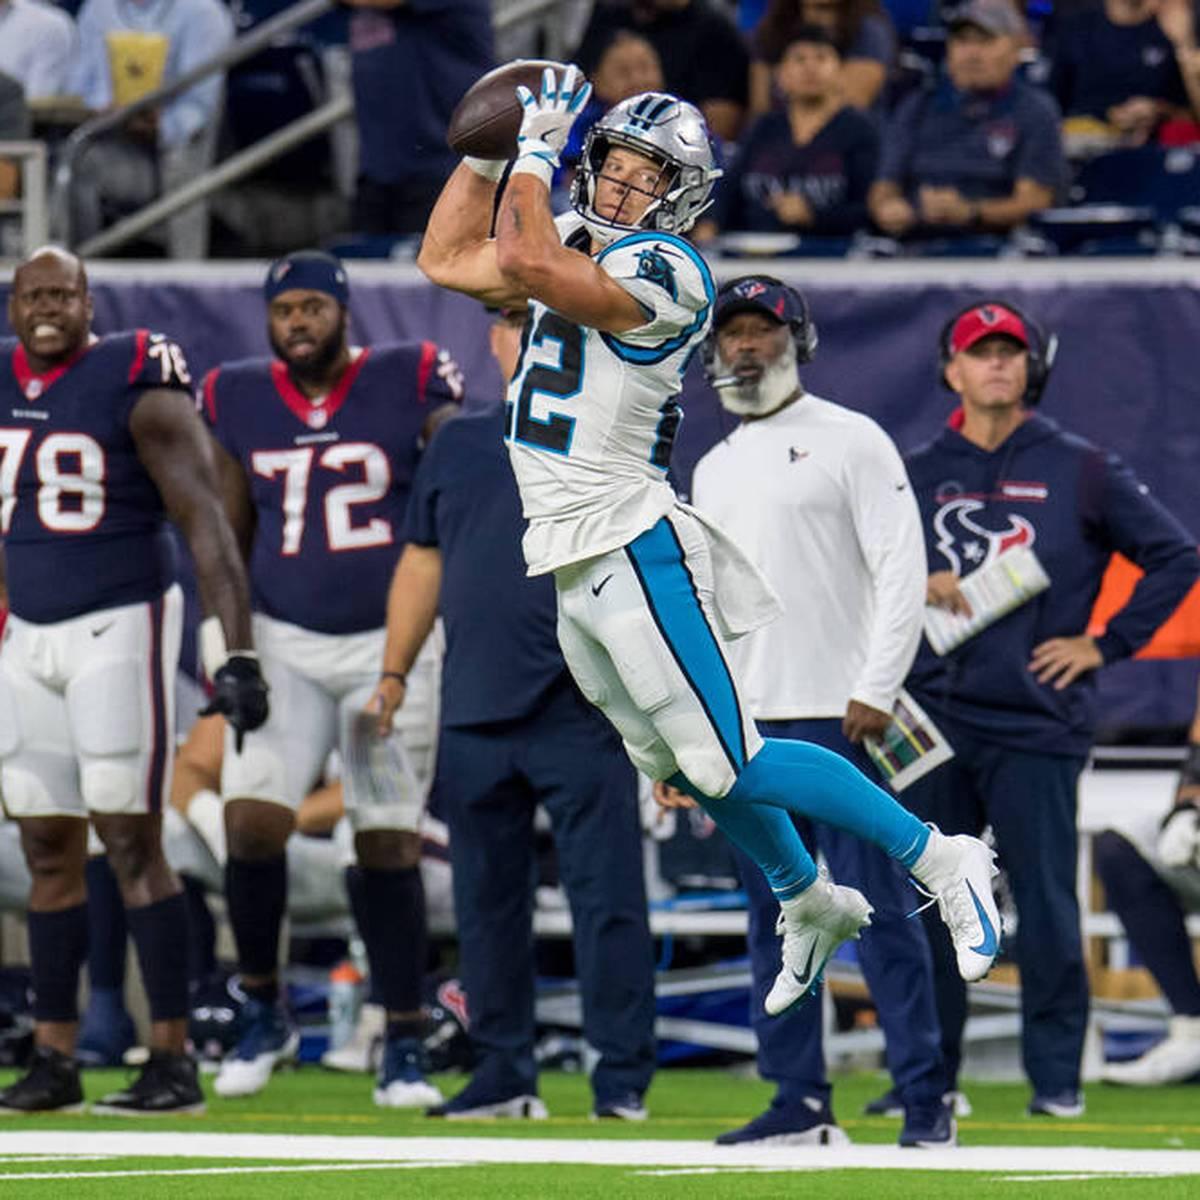 Nach Sieg gegen Texans: Panthers bangen um Superstar